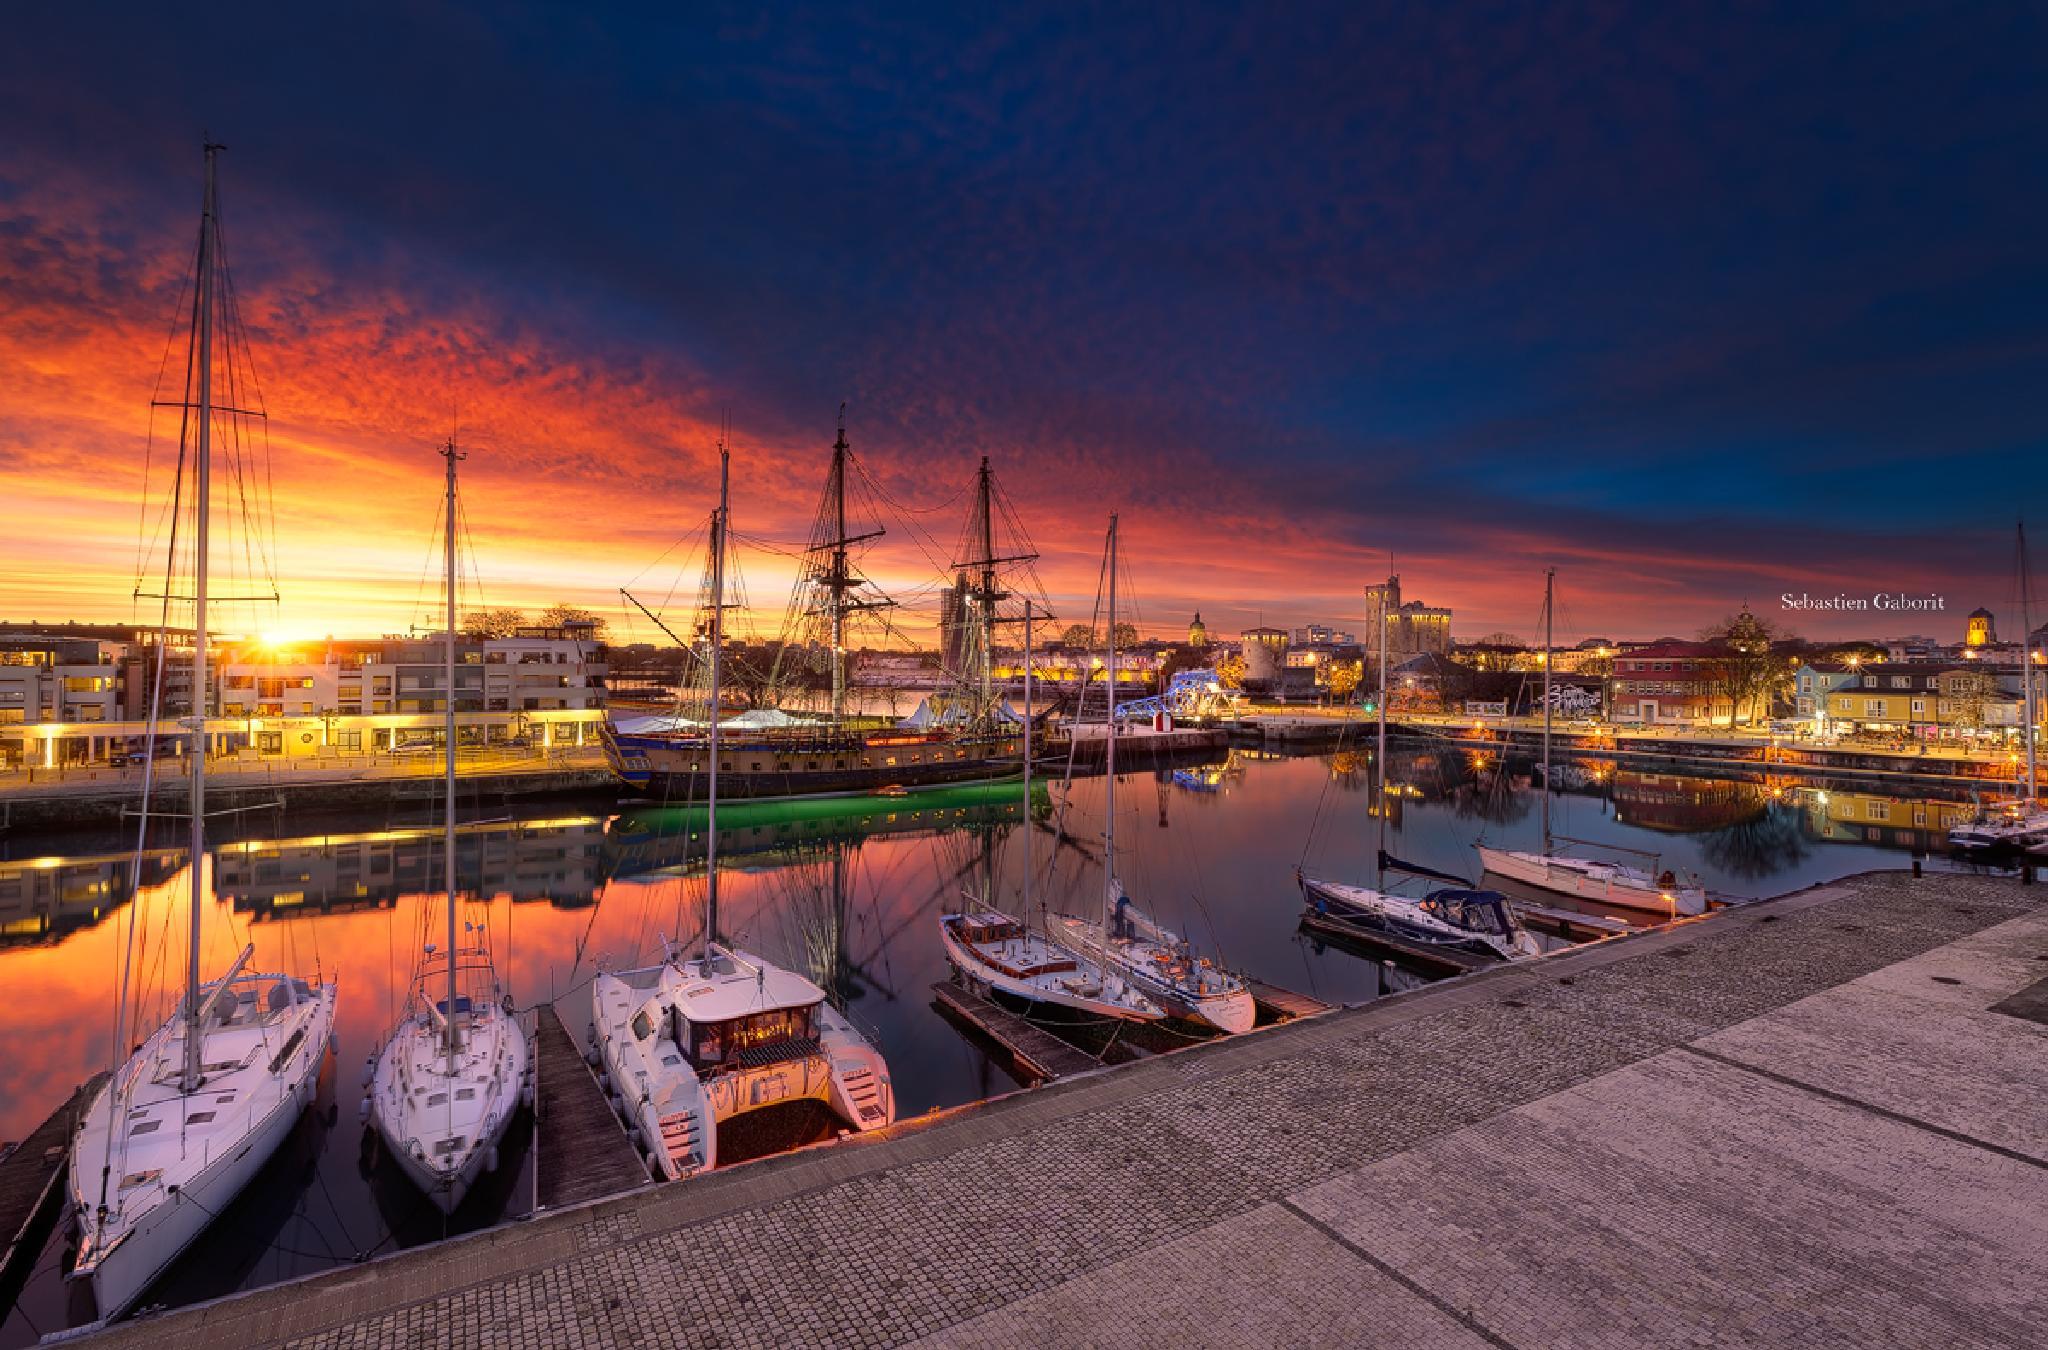 Sunset in la Rochelle by Sebastien Gaborit